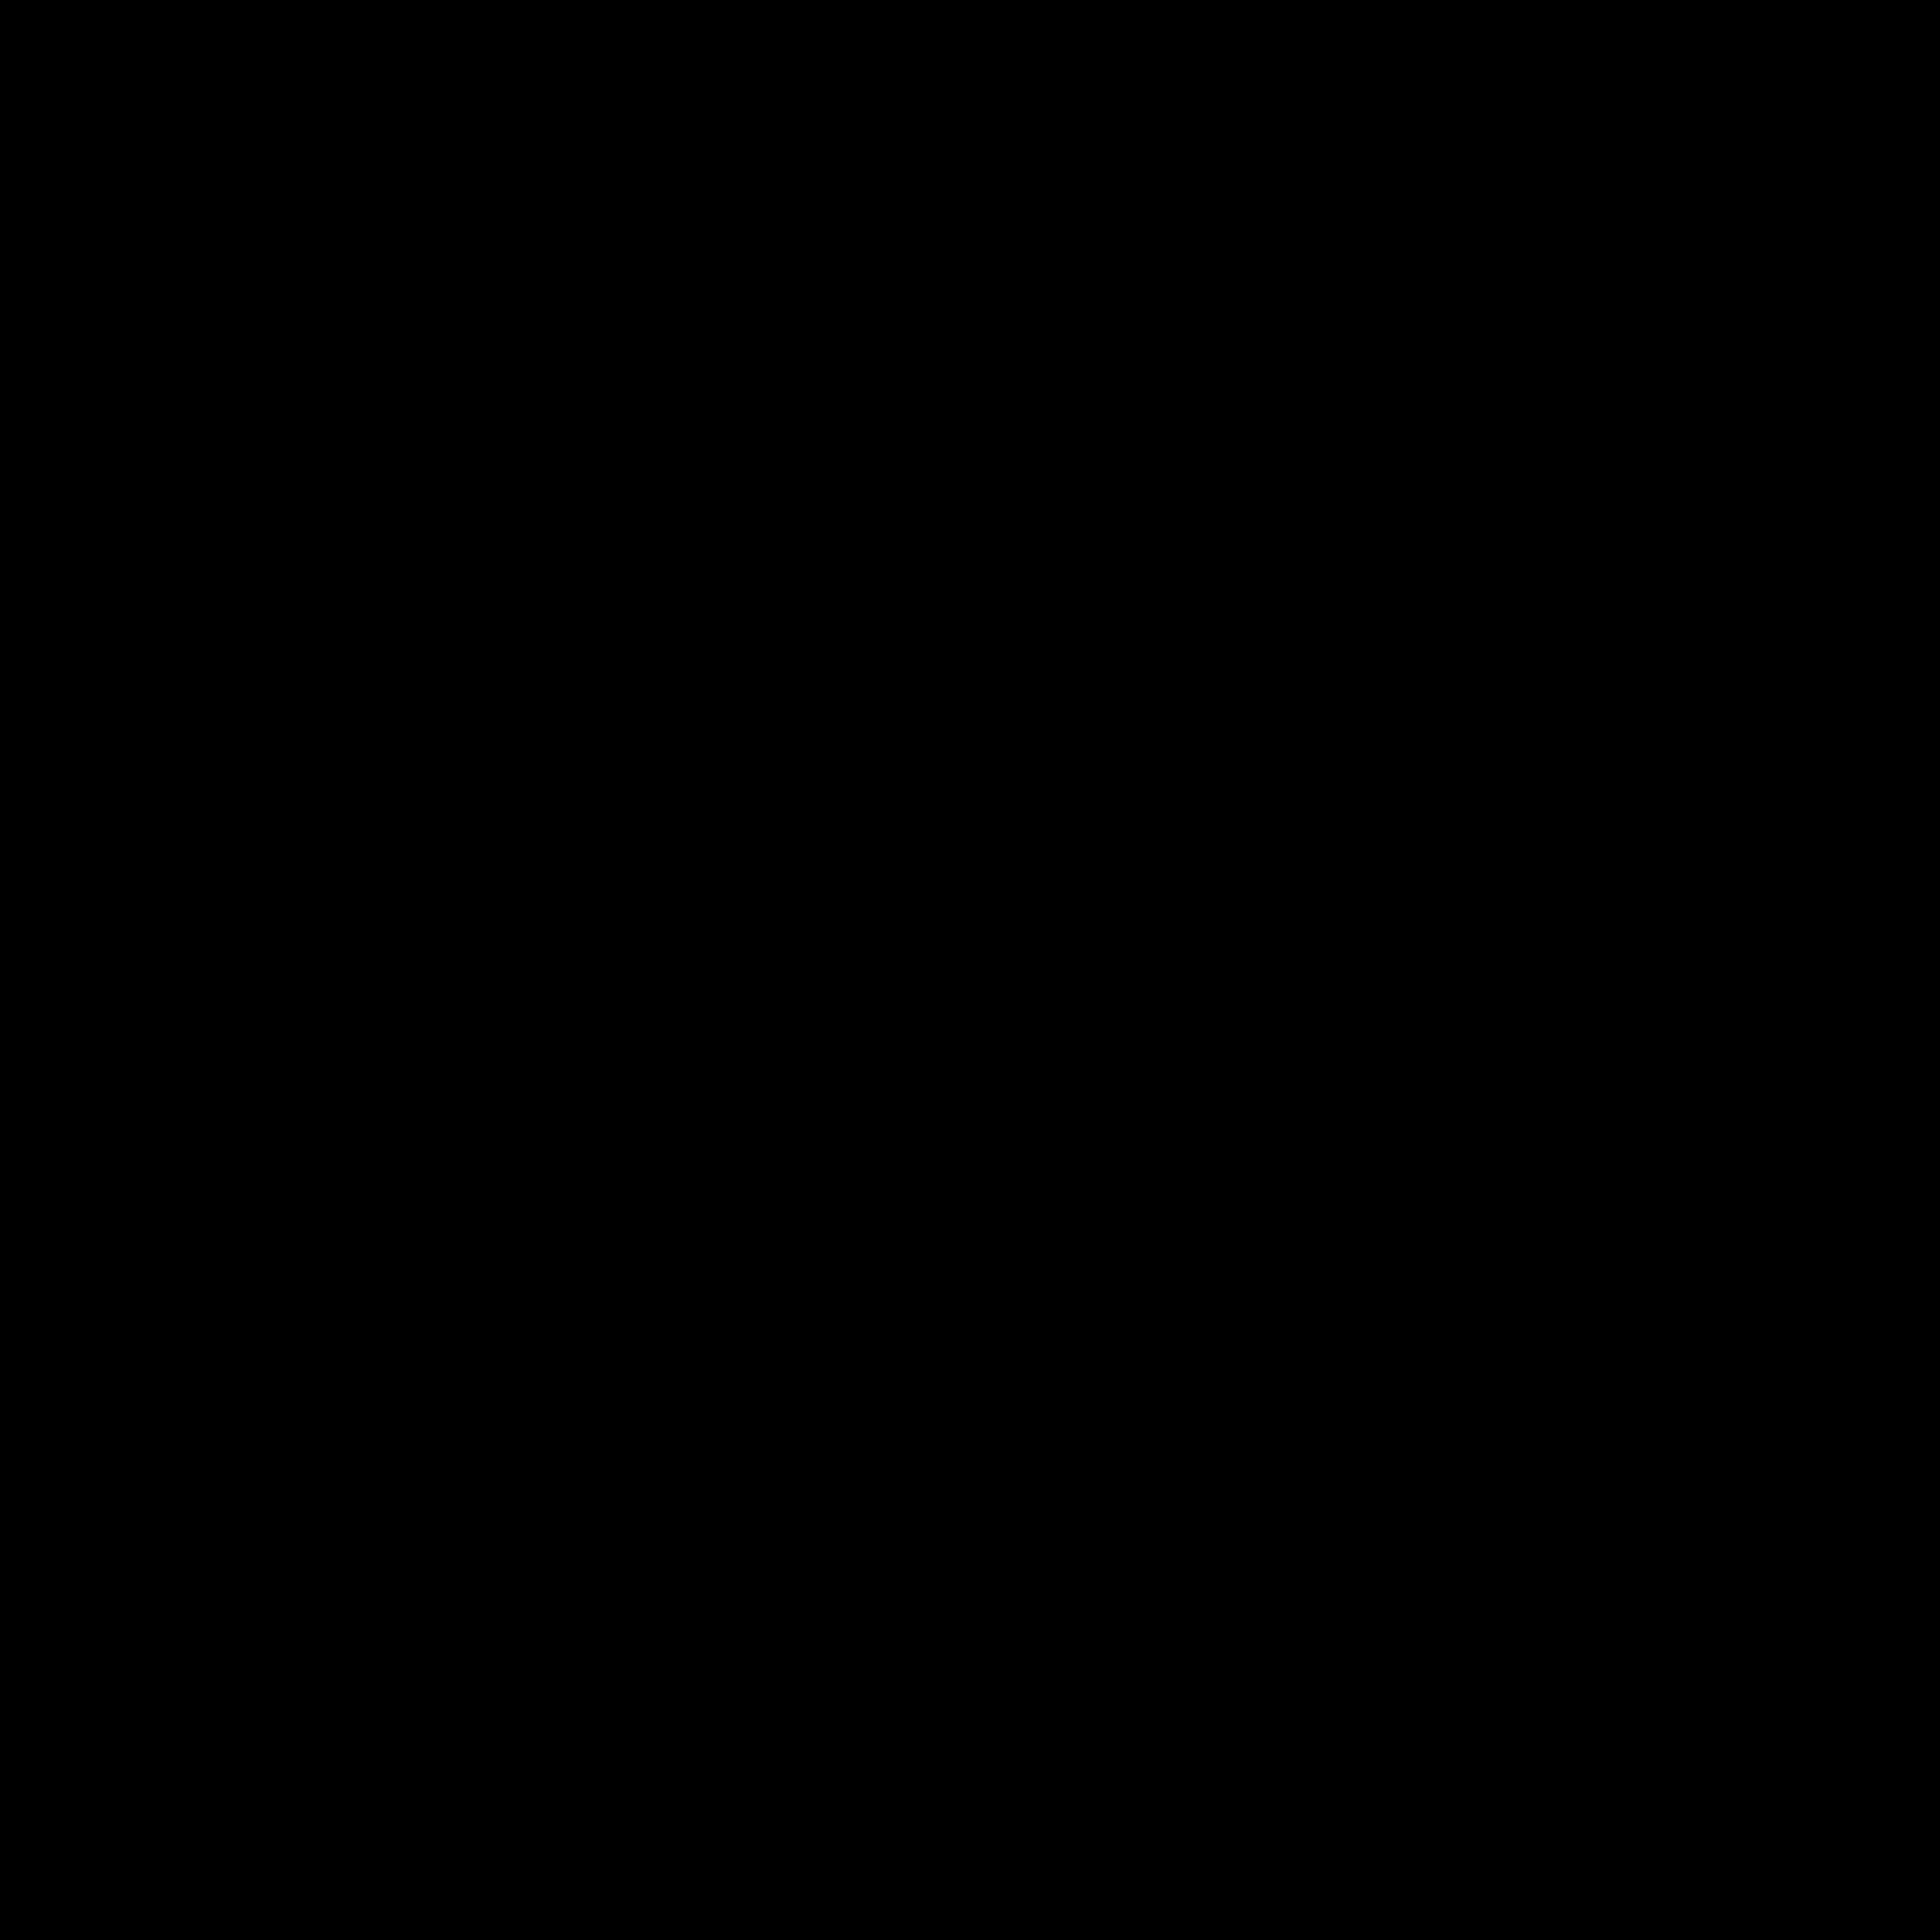 crysalis-plants-10.png